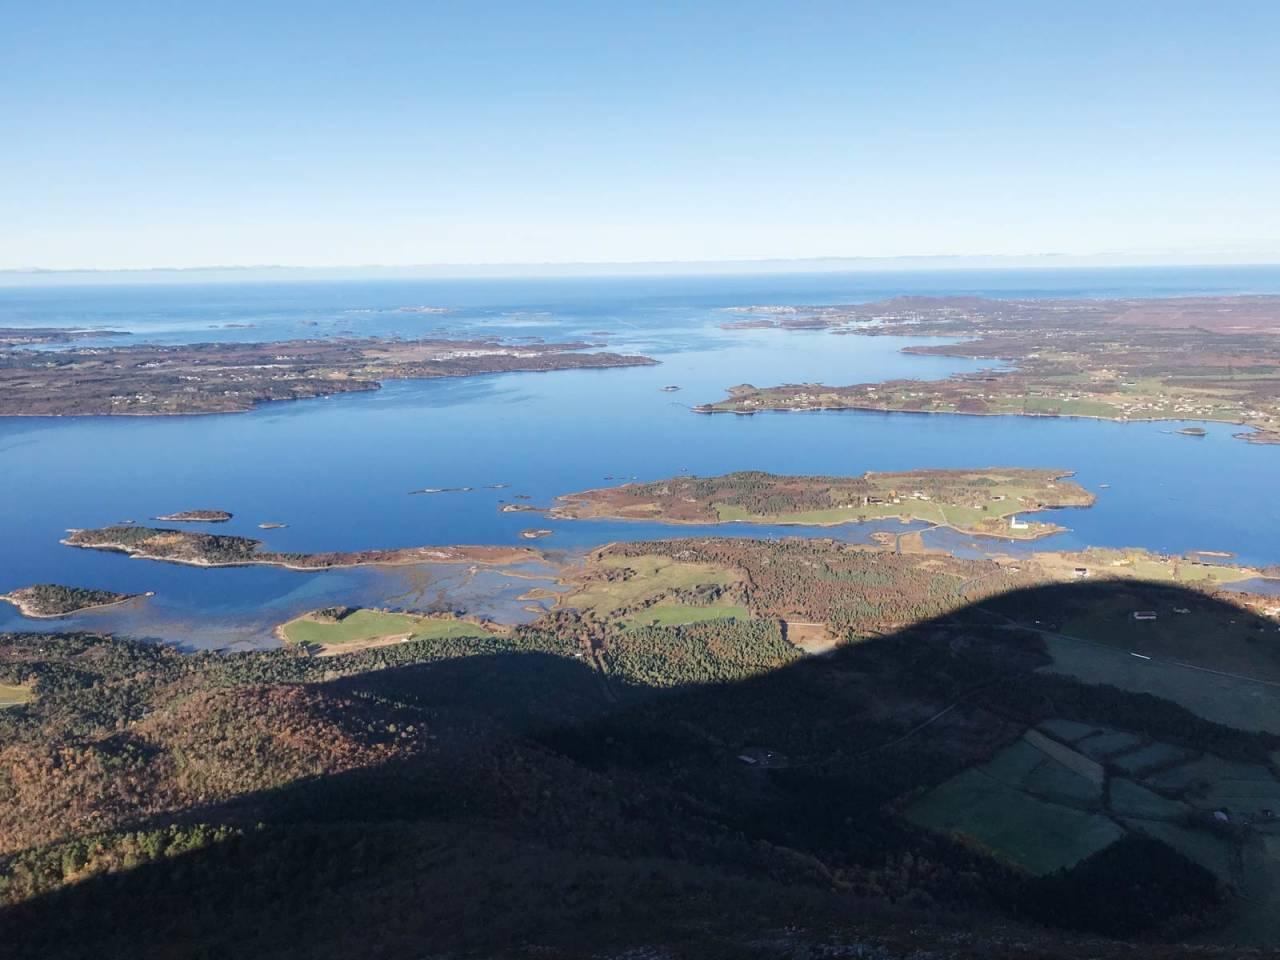 JENDEMSFJELLET: Bildet viser skyggen av østryggen og utsikt fra toppen mot romsdalskysten med Vågsøya, Gossen, Bud og Hustadvika. Foto: Iver Gjelstenli